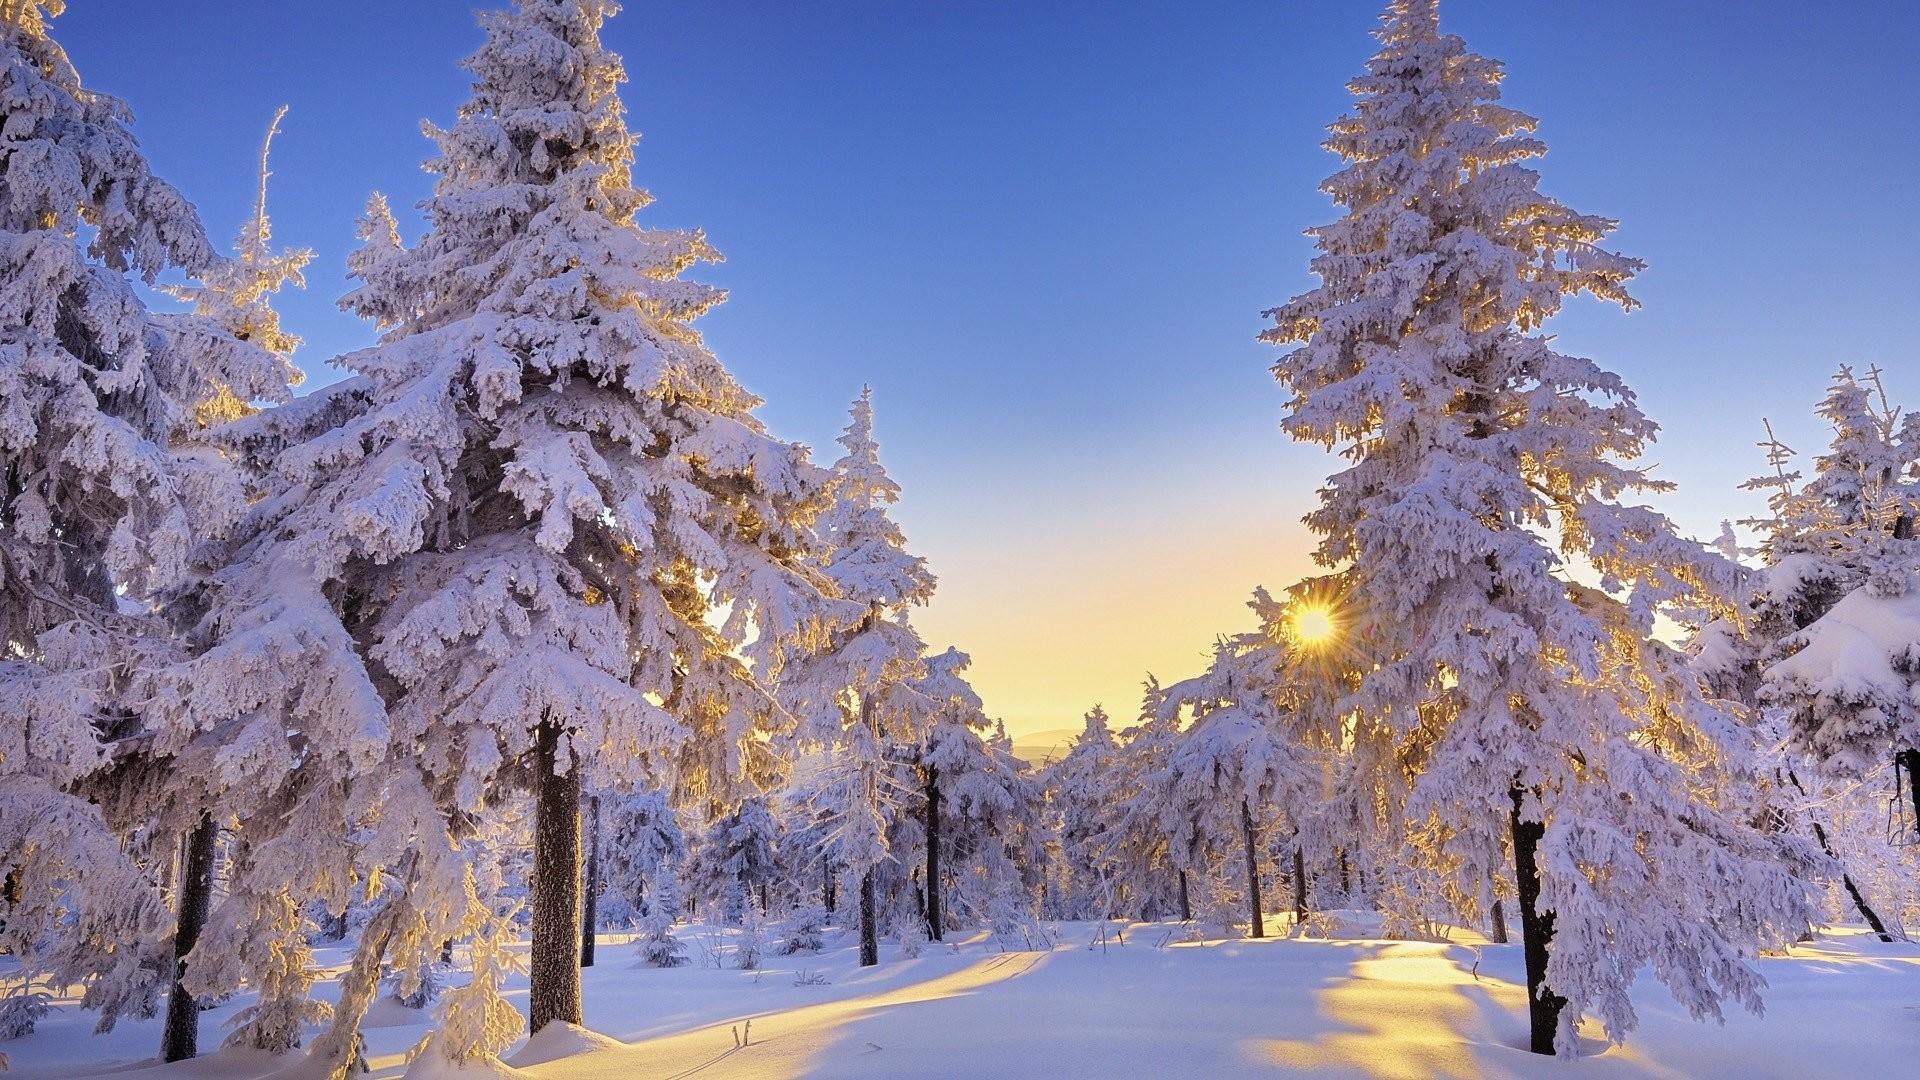 Full Hd Macbook Air Winter Wallpaper